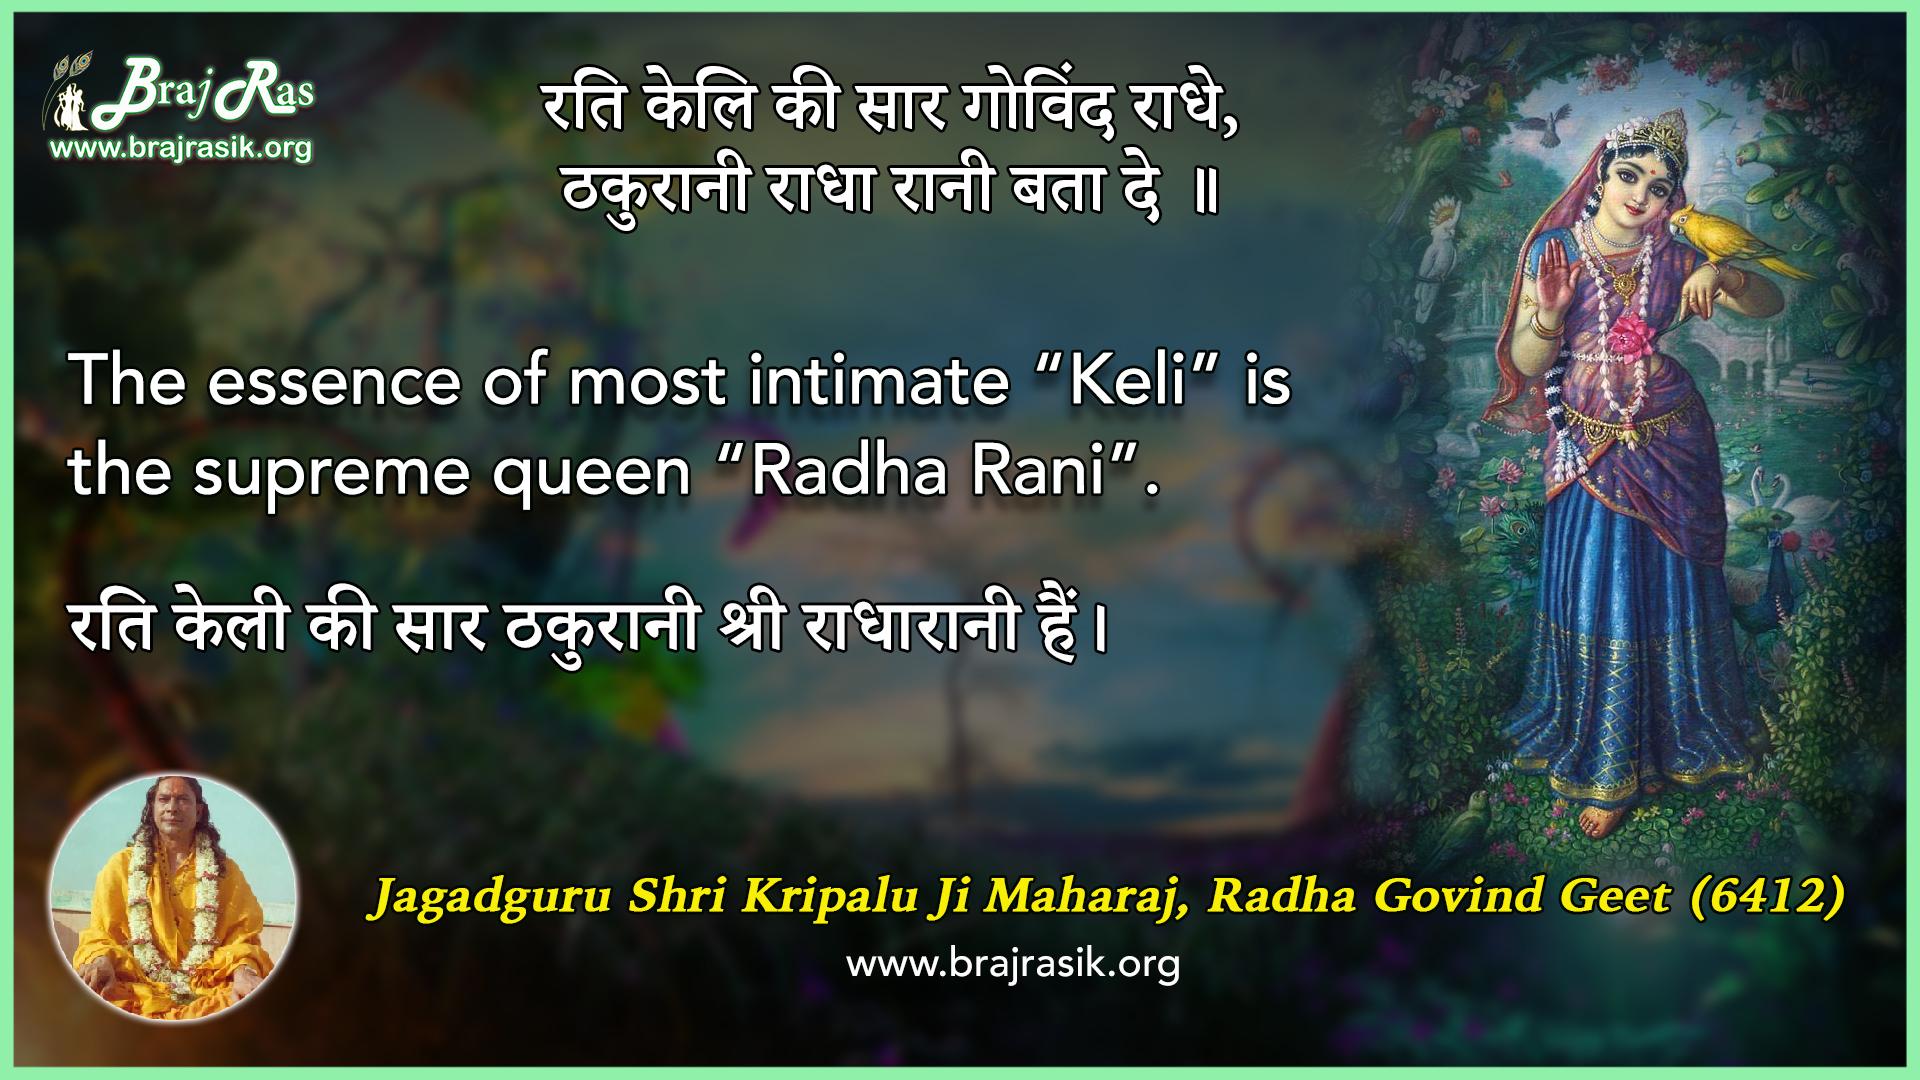 Rati Keli Ki Sar Govind Radhey - Radha Govind Geet (6412)